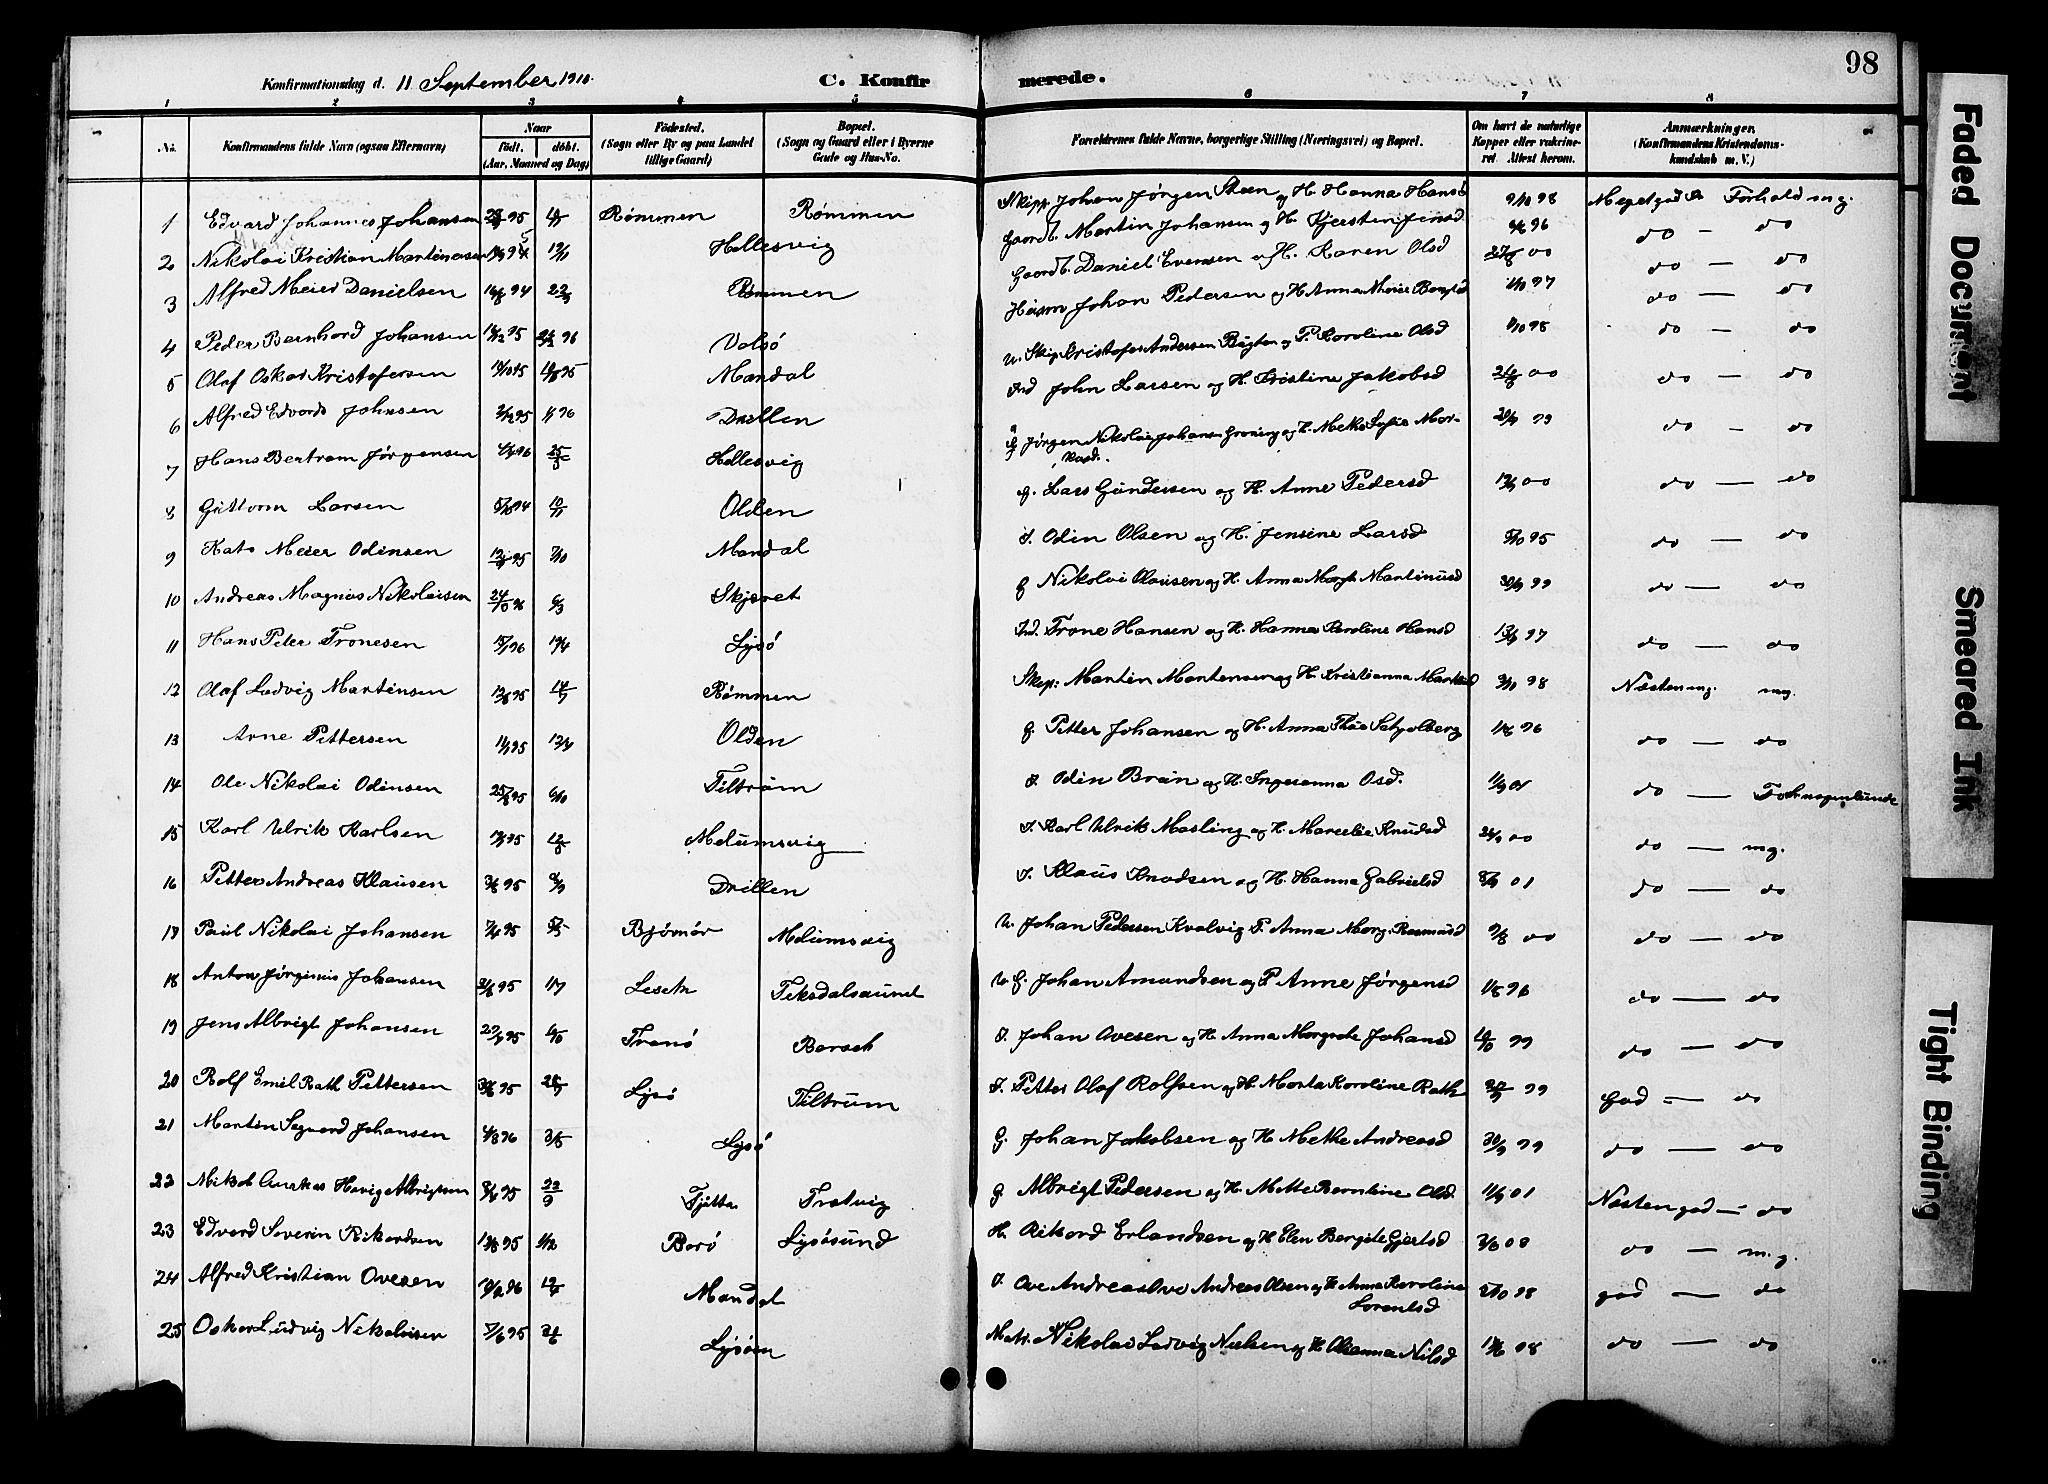 SAT, Ministerialprotokoller, klokkerbøker og fødselsregistre - Sør-Trøndelag, 654/L0666: Klokkerbok nr. 654C02, 1901-1925, s. 98